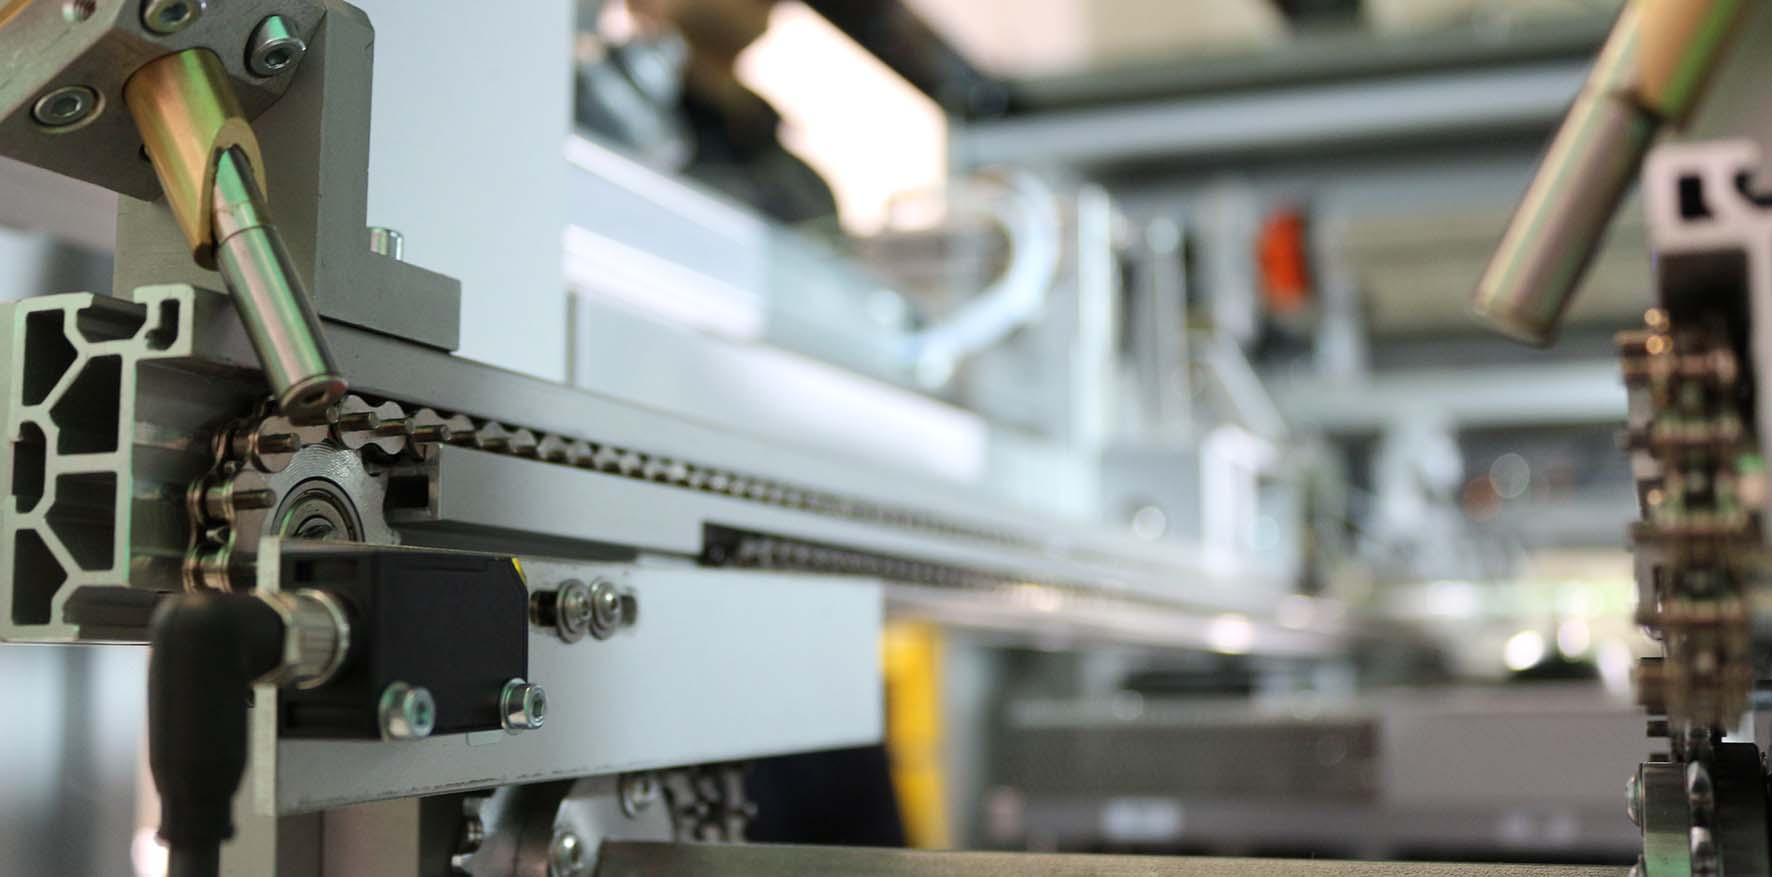 i tronik macchinario apparecchio elettromeccanico 3